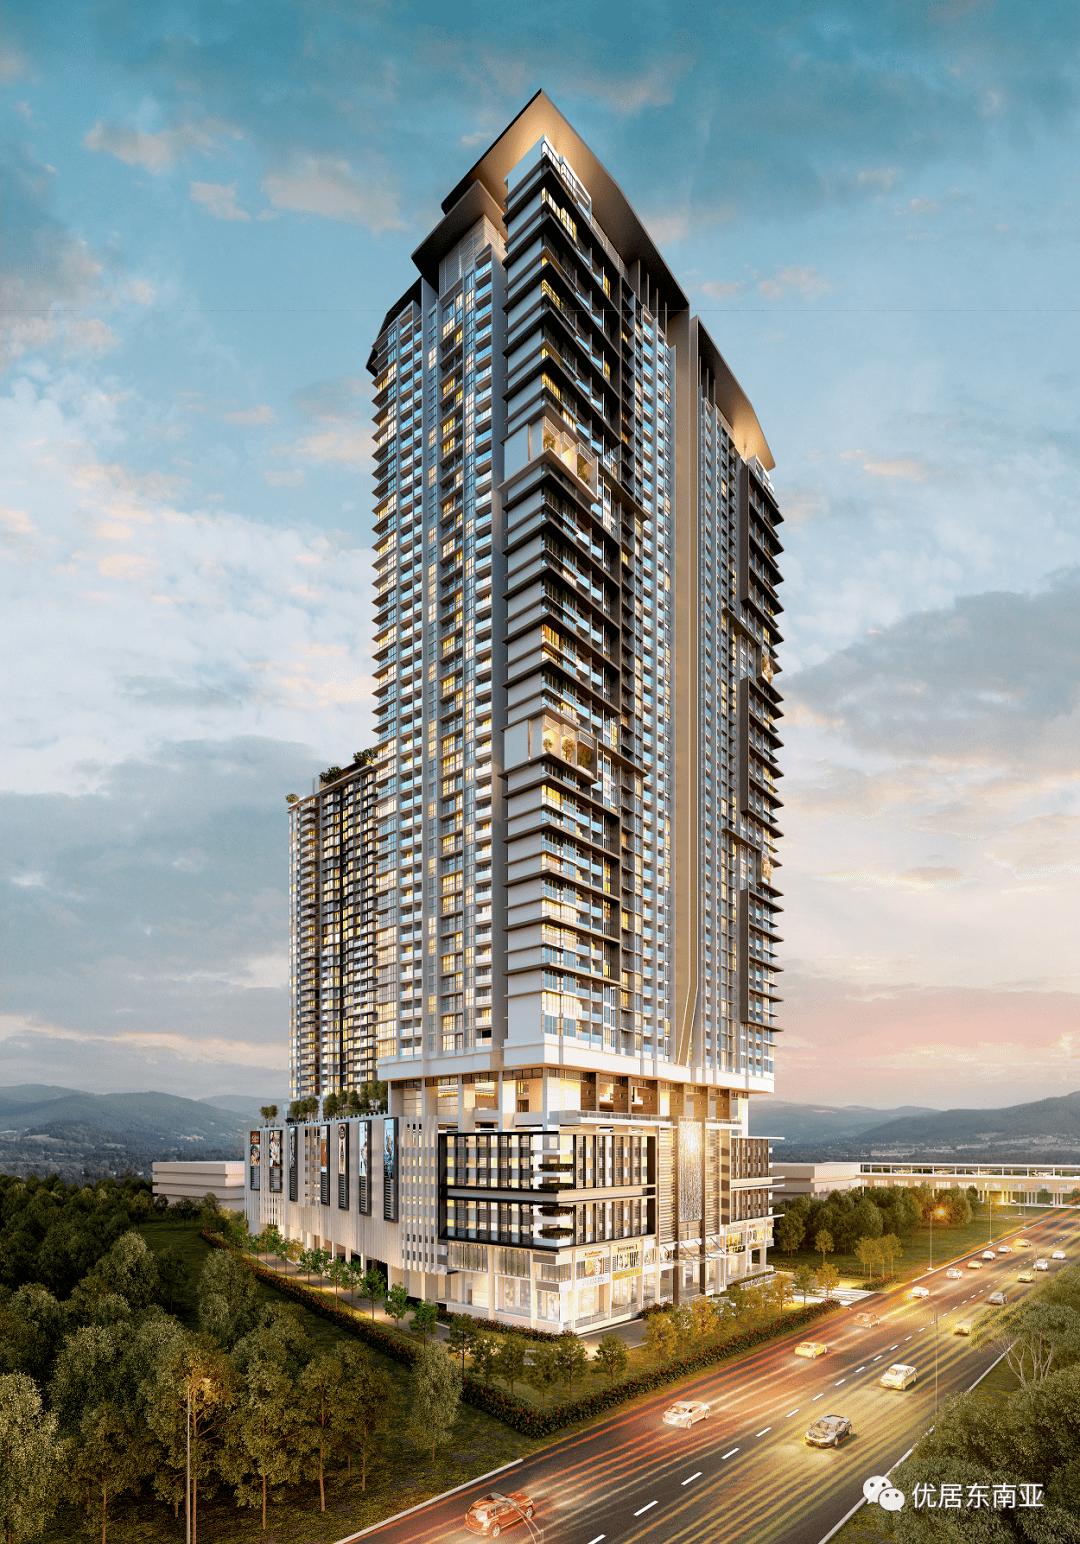 城景苑Lavile,吉隆坡市中心双轨交汇地铁房总价149万元起!